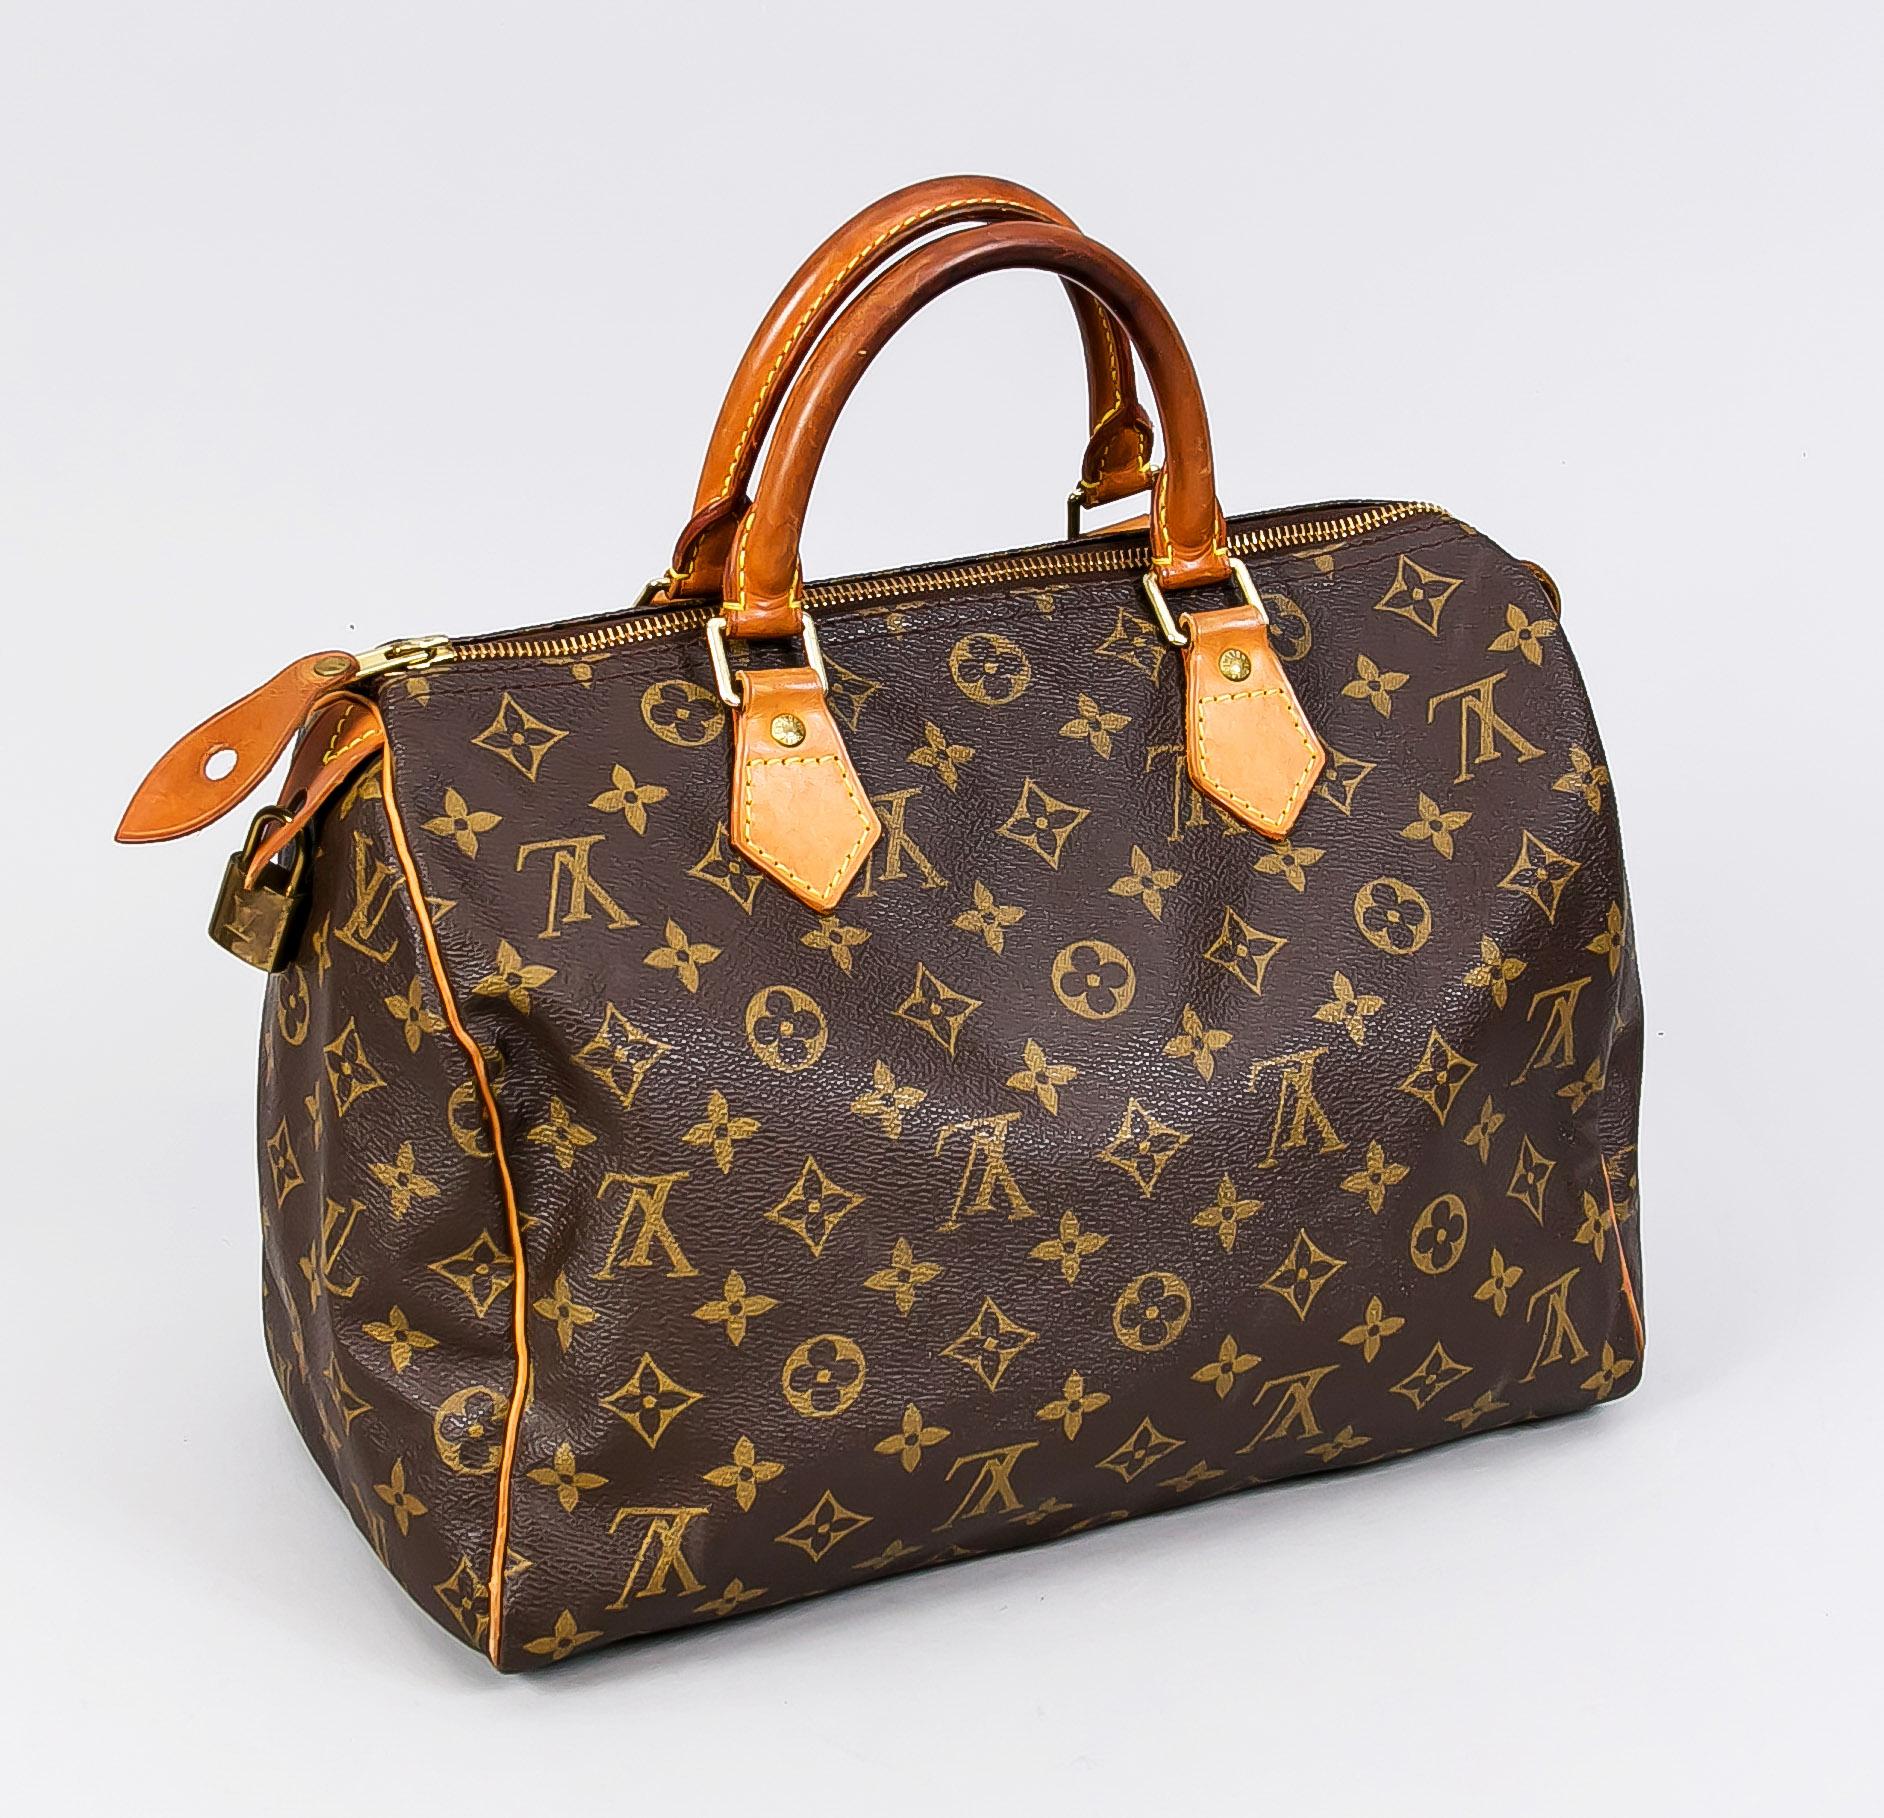 Louis Vuitton Handtasche Speedy, 2